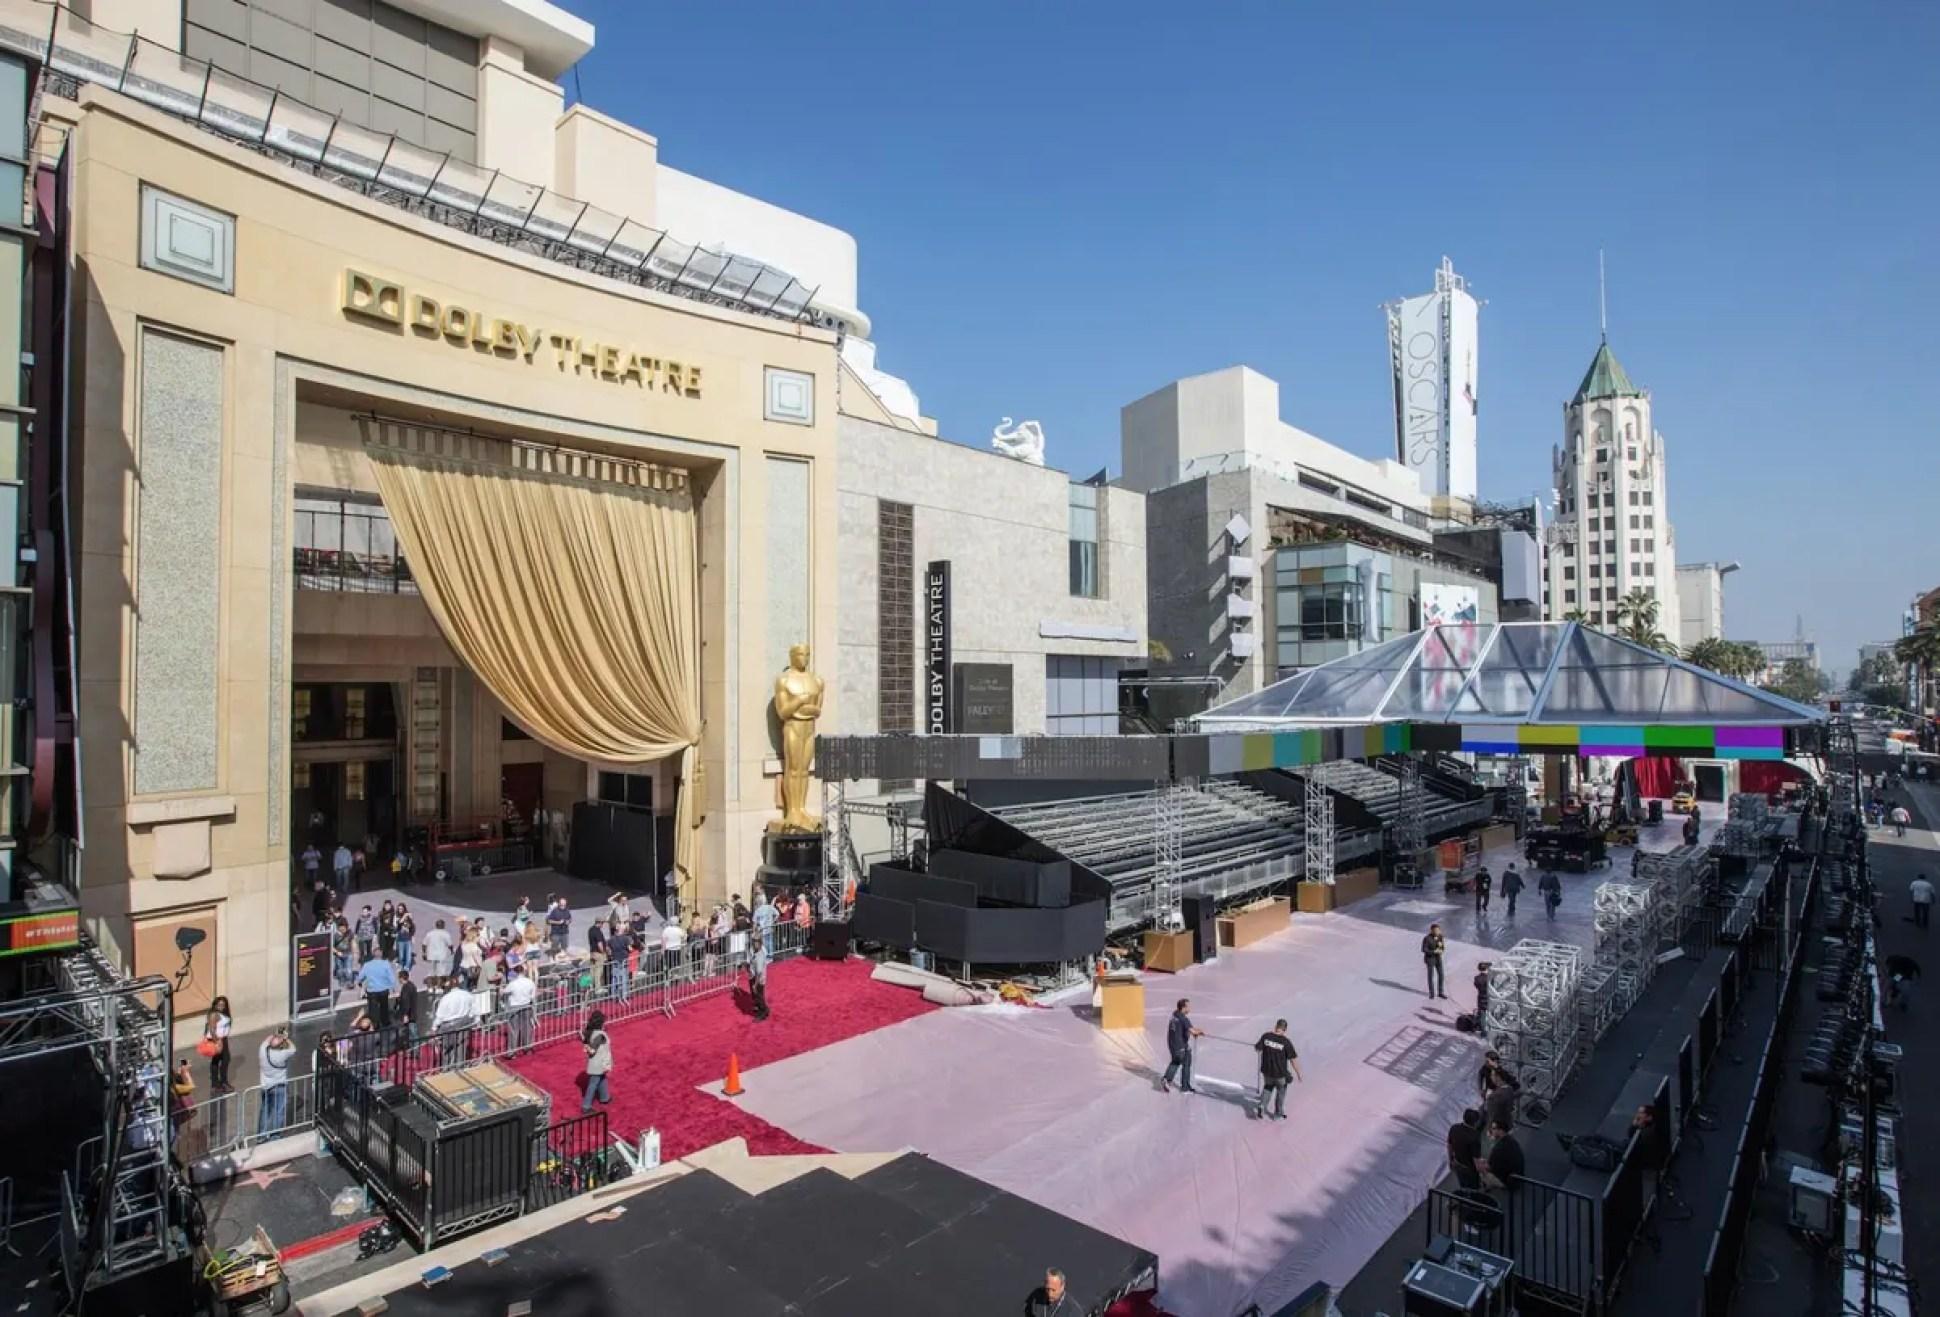 معاينة الأوسكار: ما وراء الكواليس في مسرح دولبي